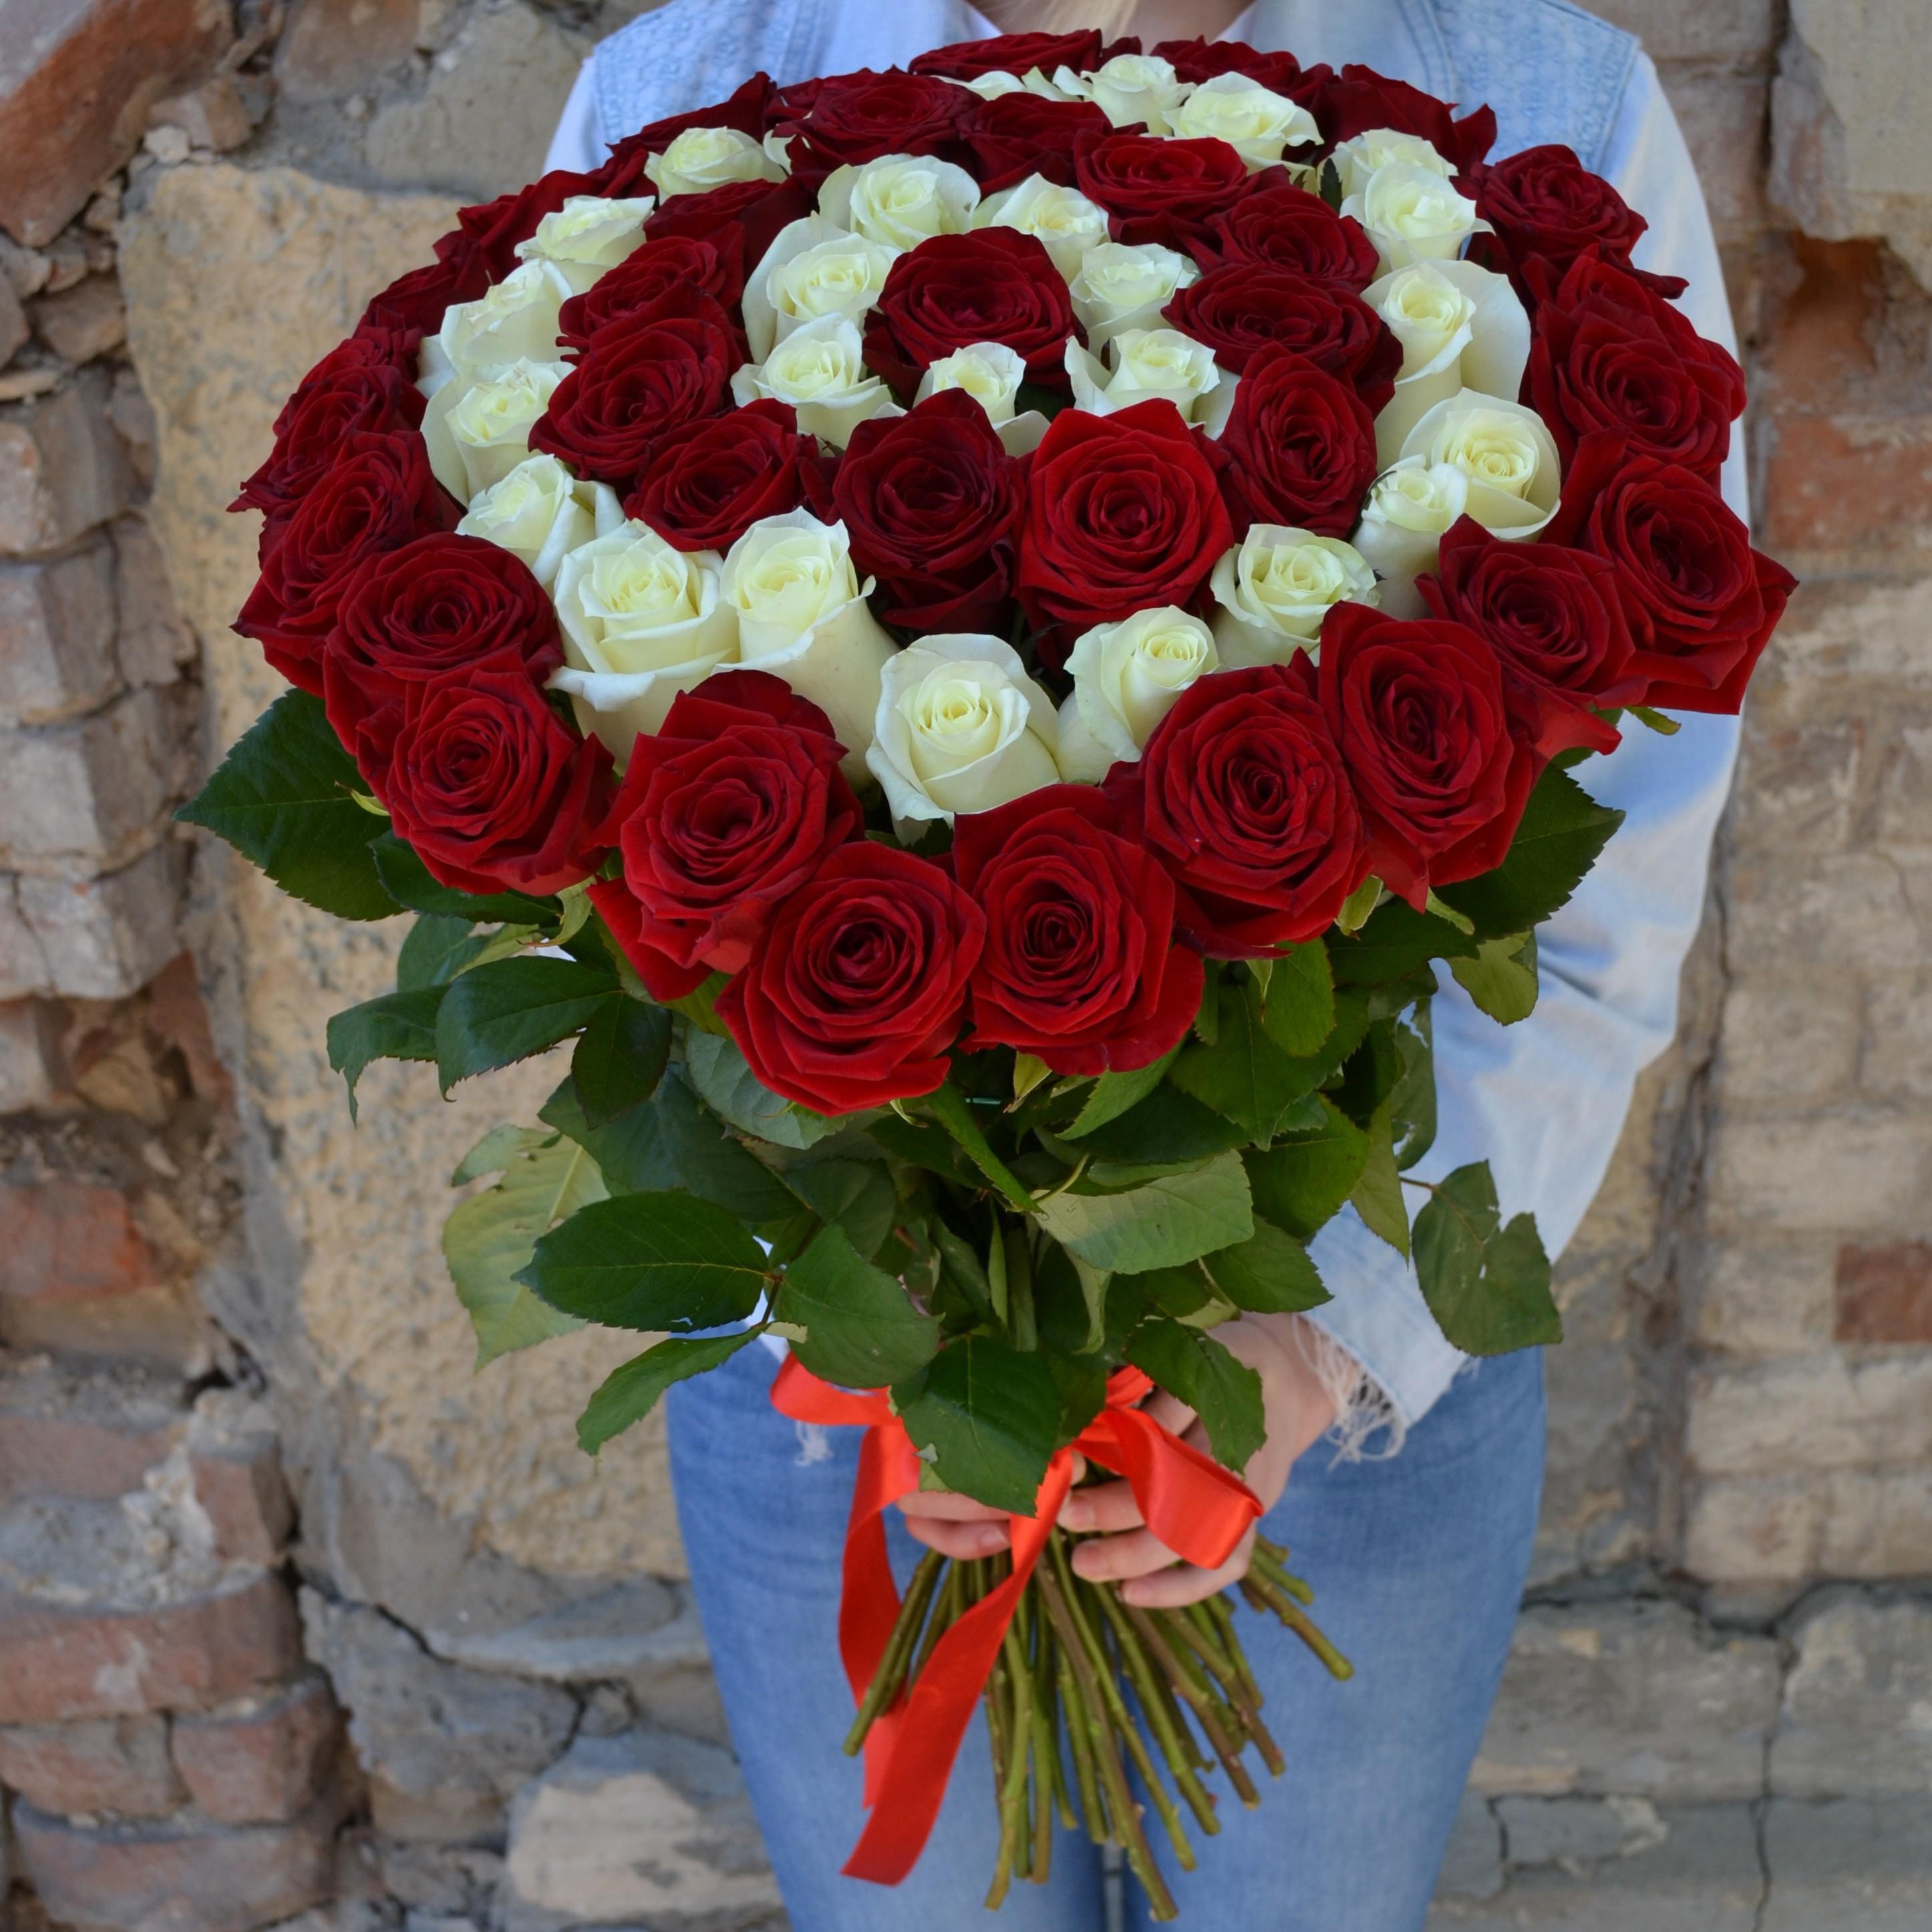 Цветов казани, букет сборка из роз красных и белых